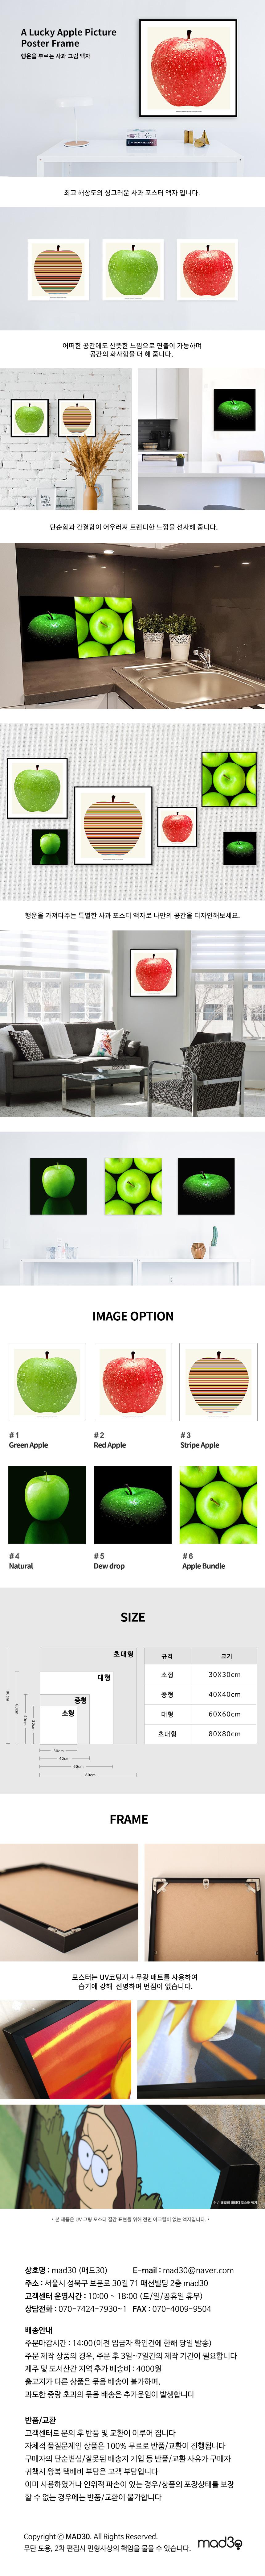 행운의 사과 그림 액자 (블랙메탈액자) - 매드30, 30,900원, 액자, 벽걸이액자